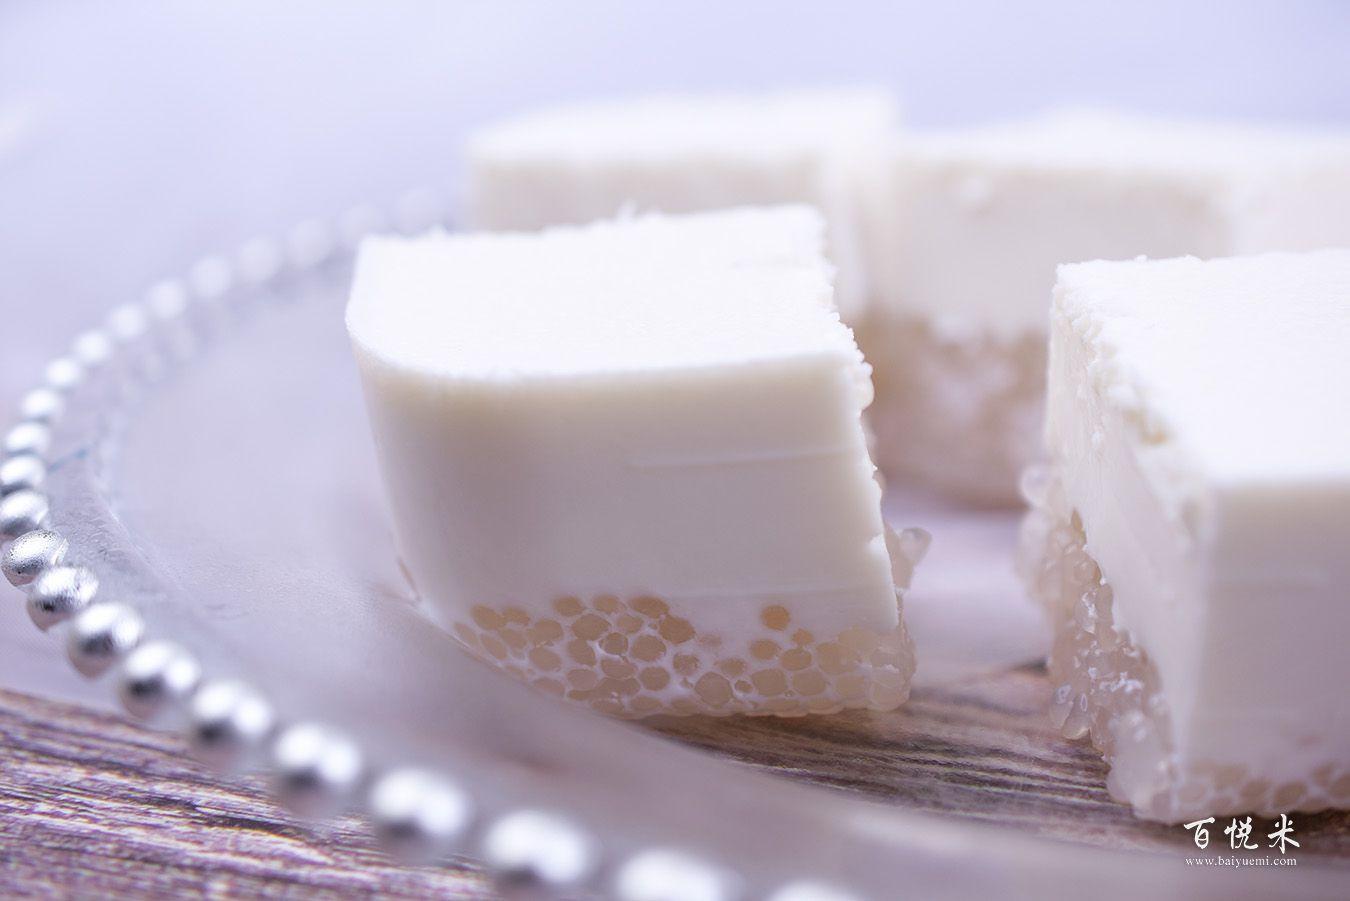 椰汁西米糕高清图片大全【蛋糕图片】_1330